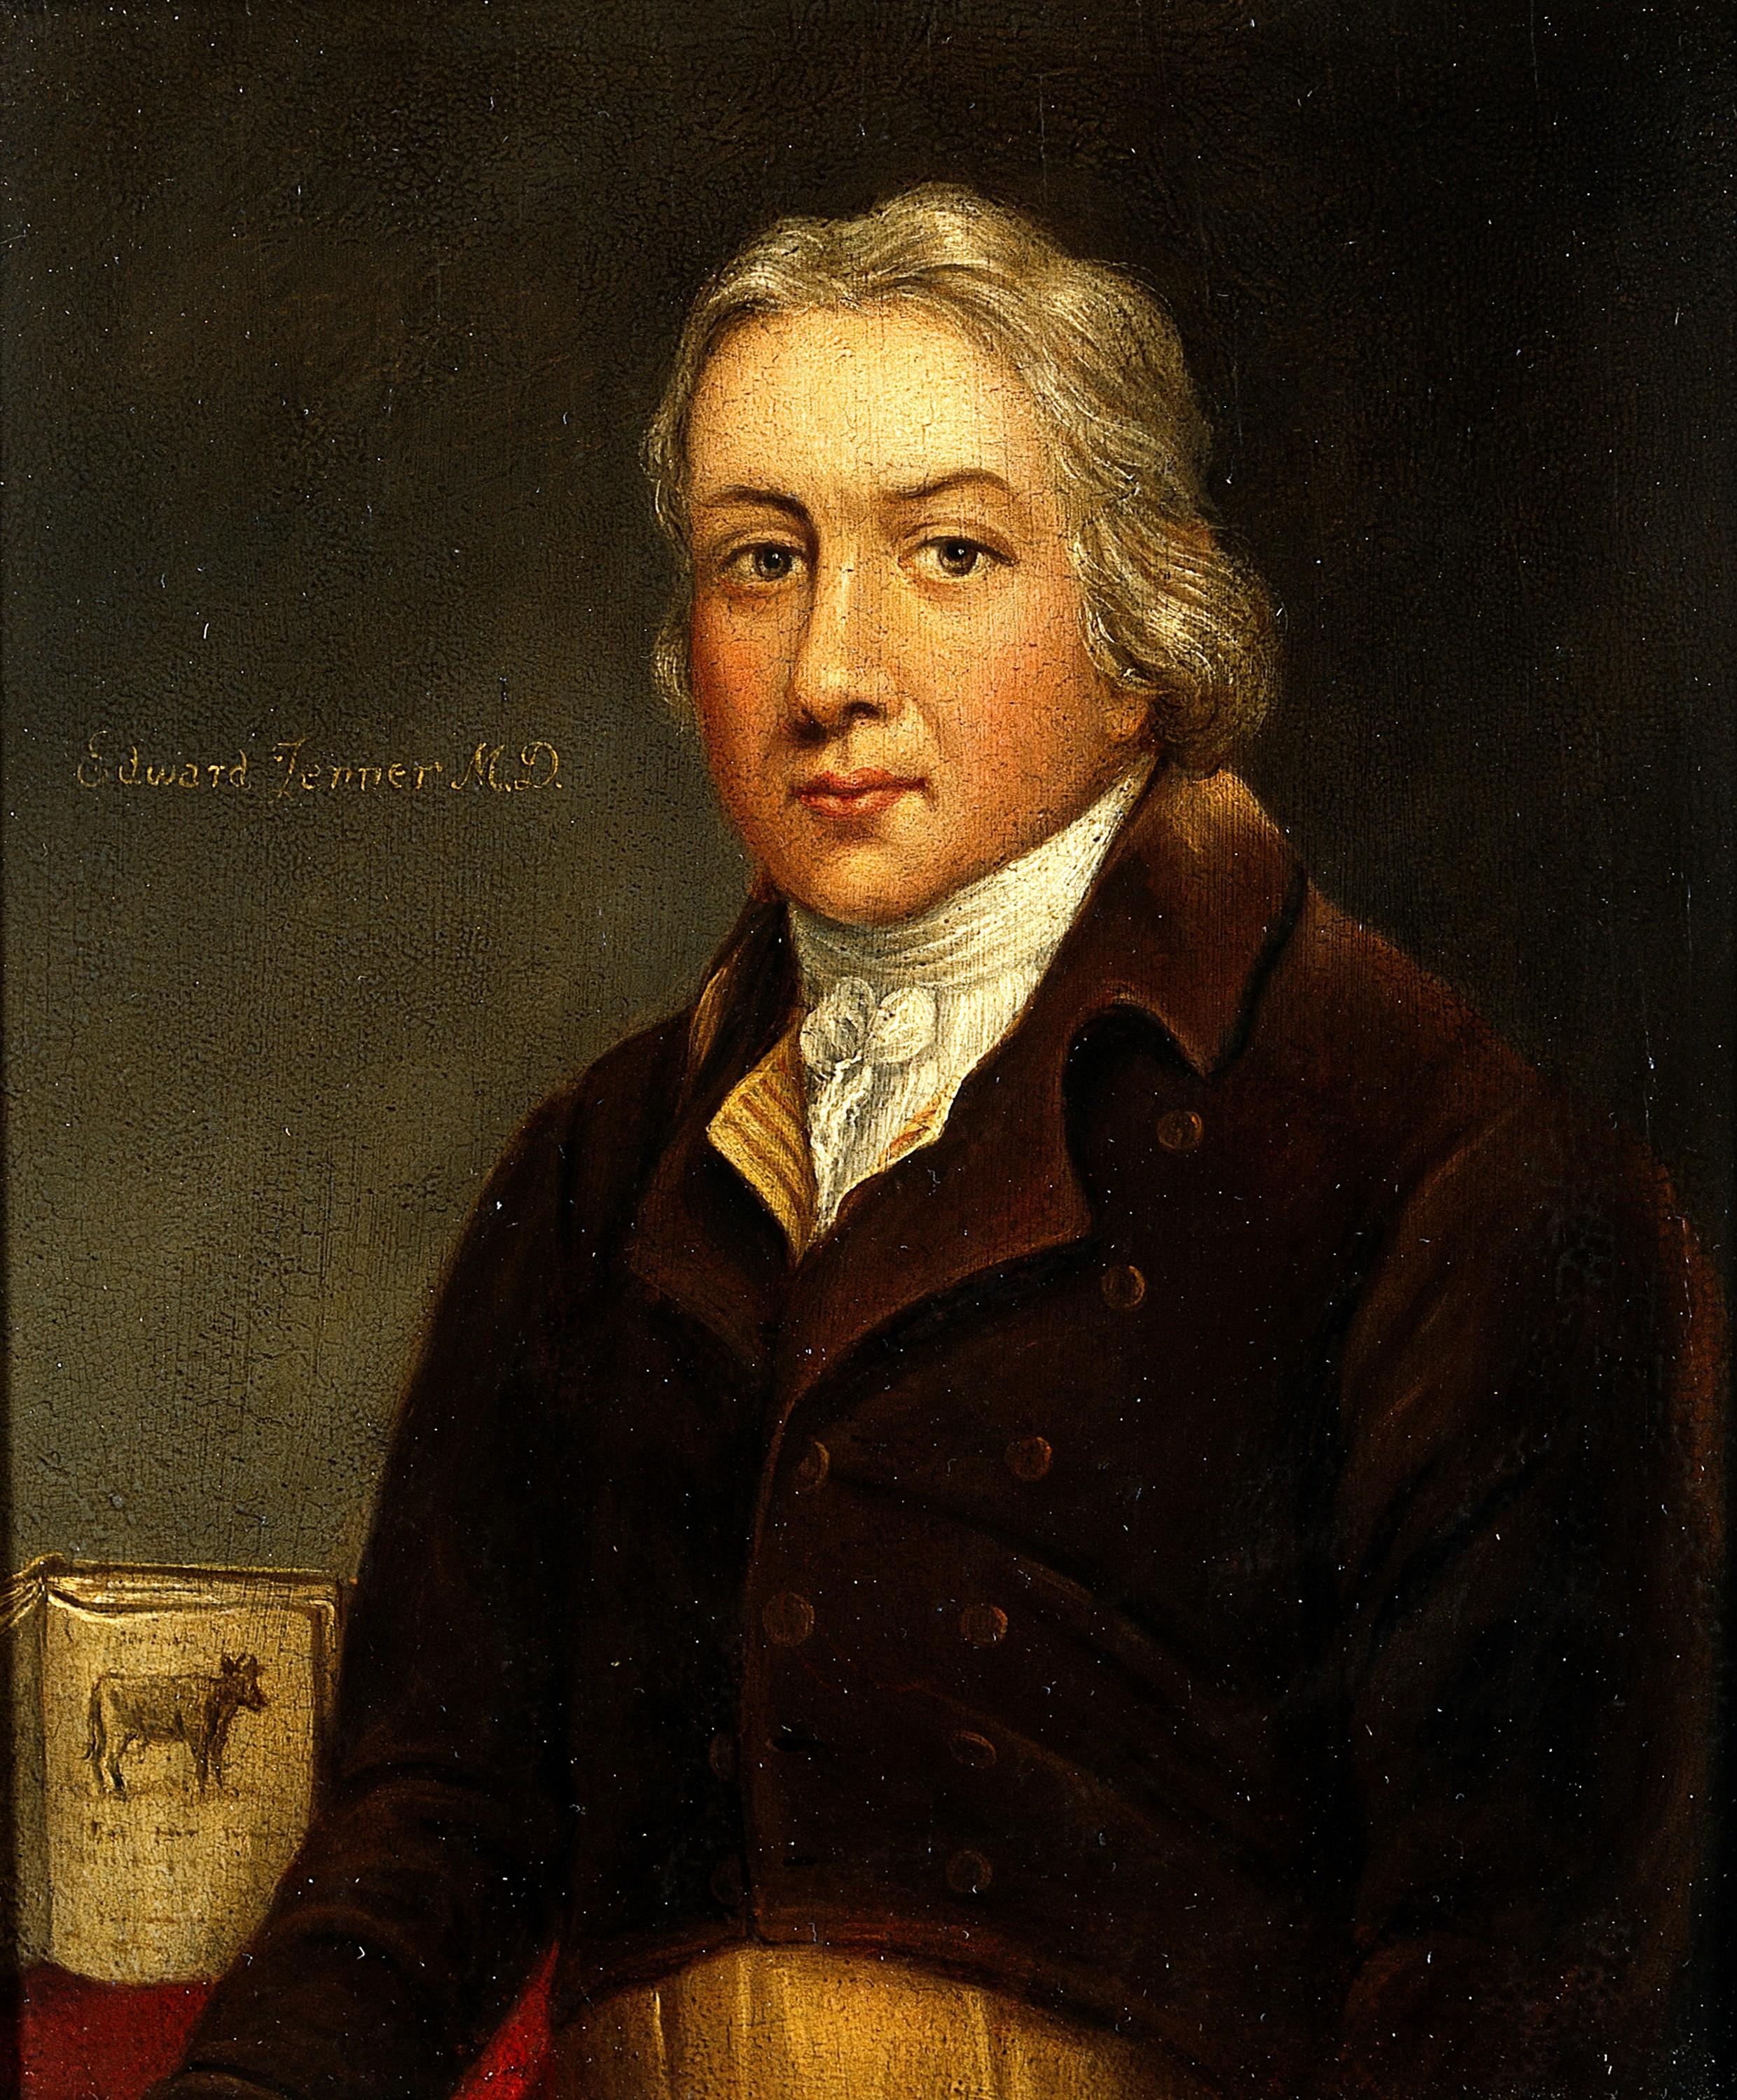 Edward Jenner - Wikipedia